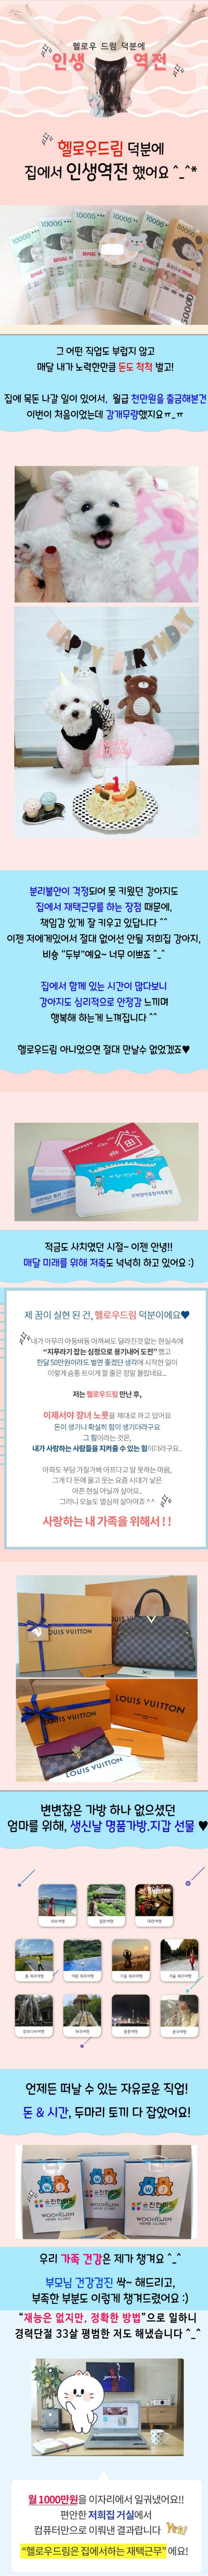 박미희 220520 박규림1.jpg